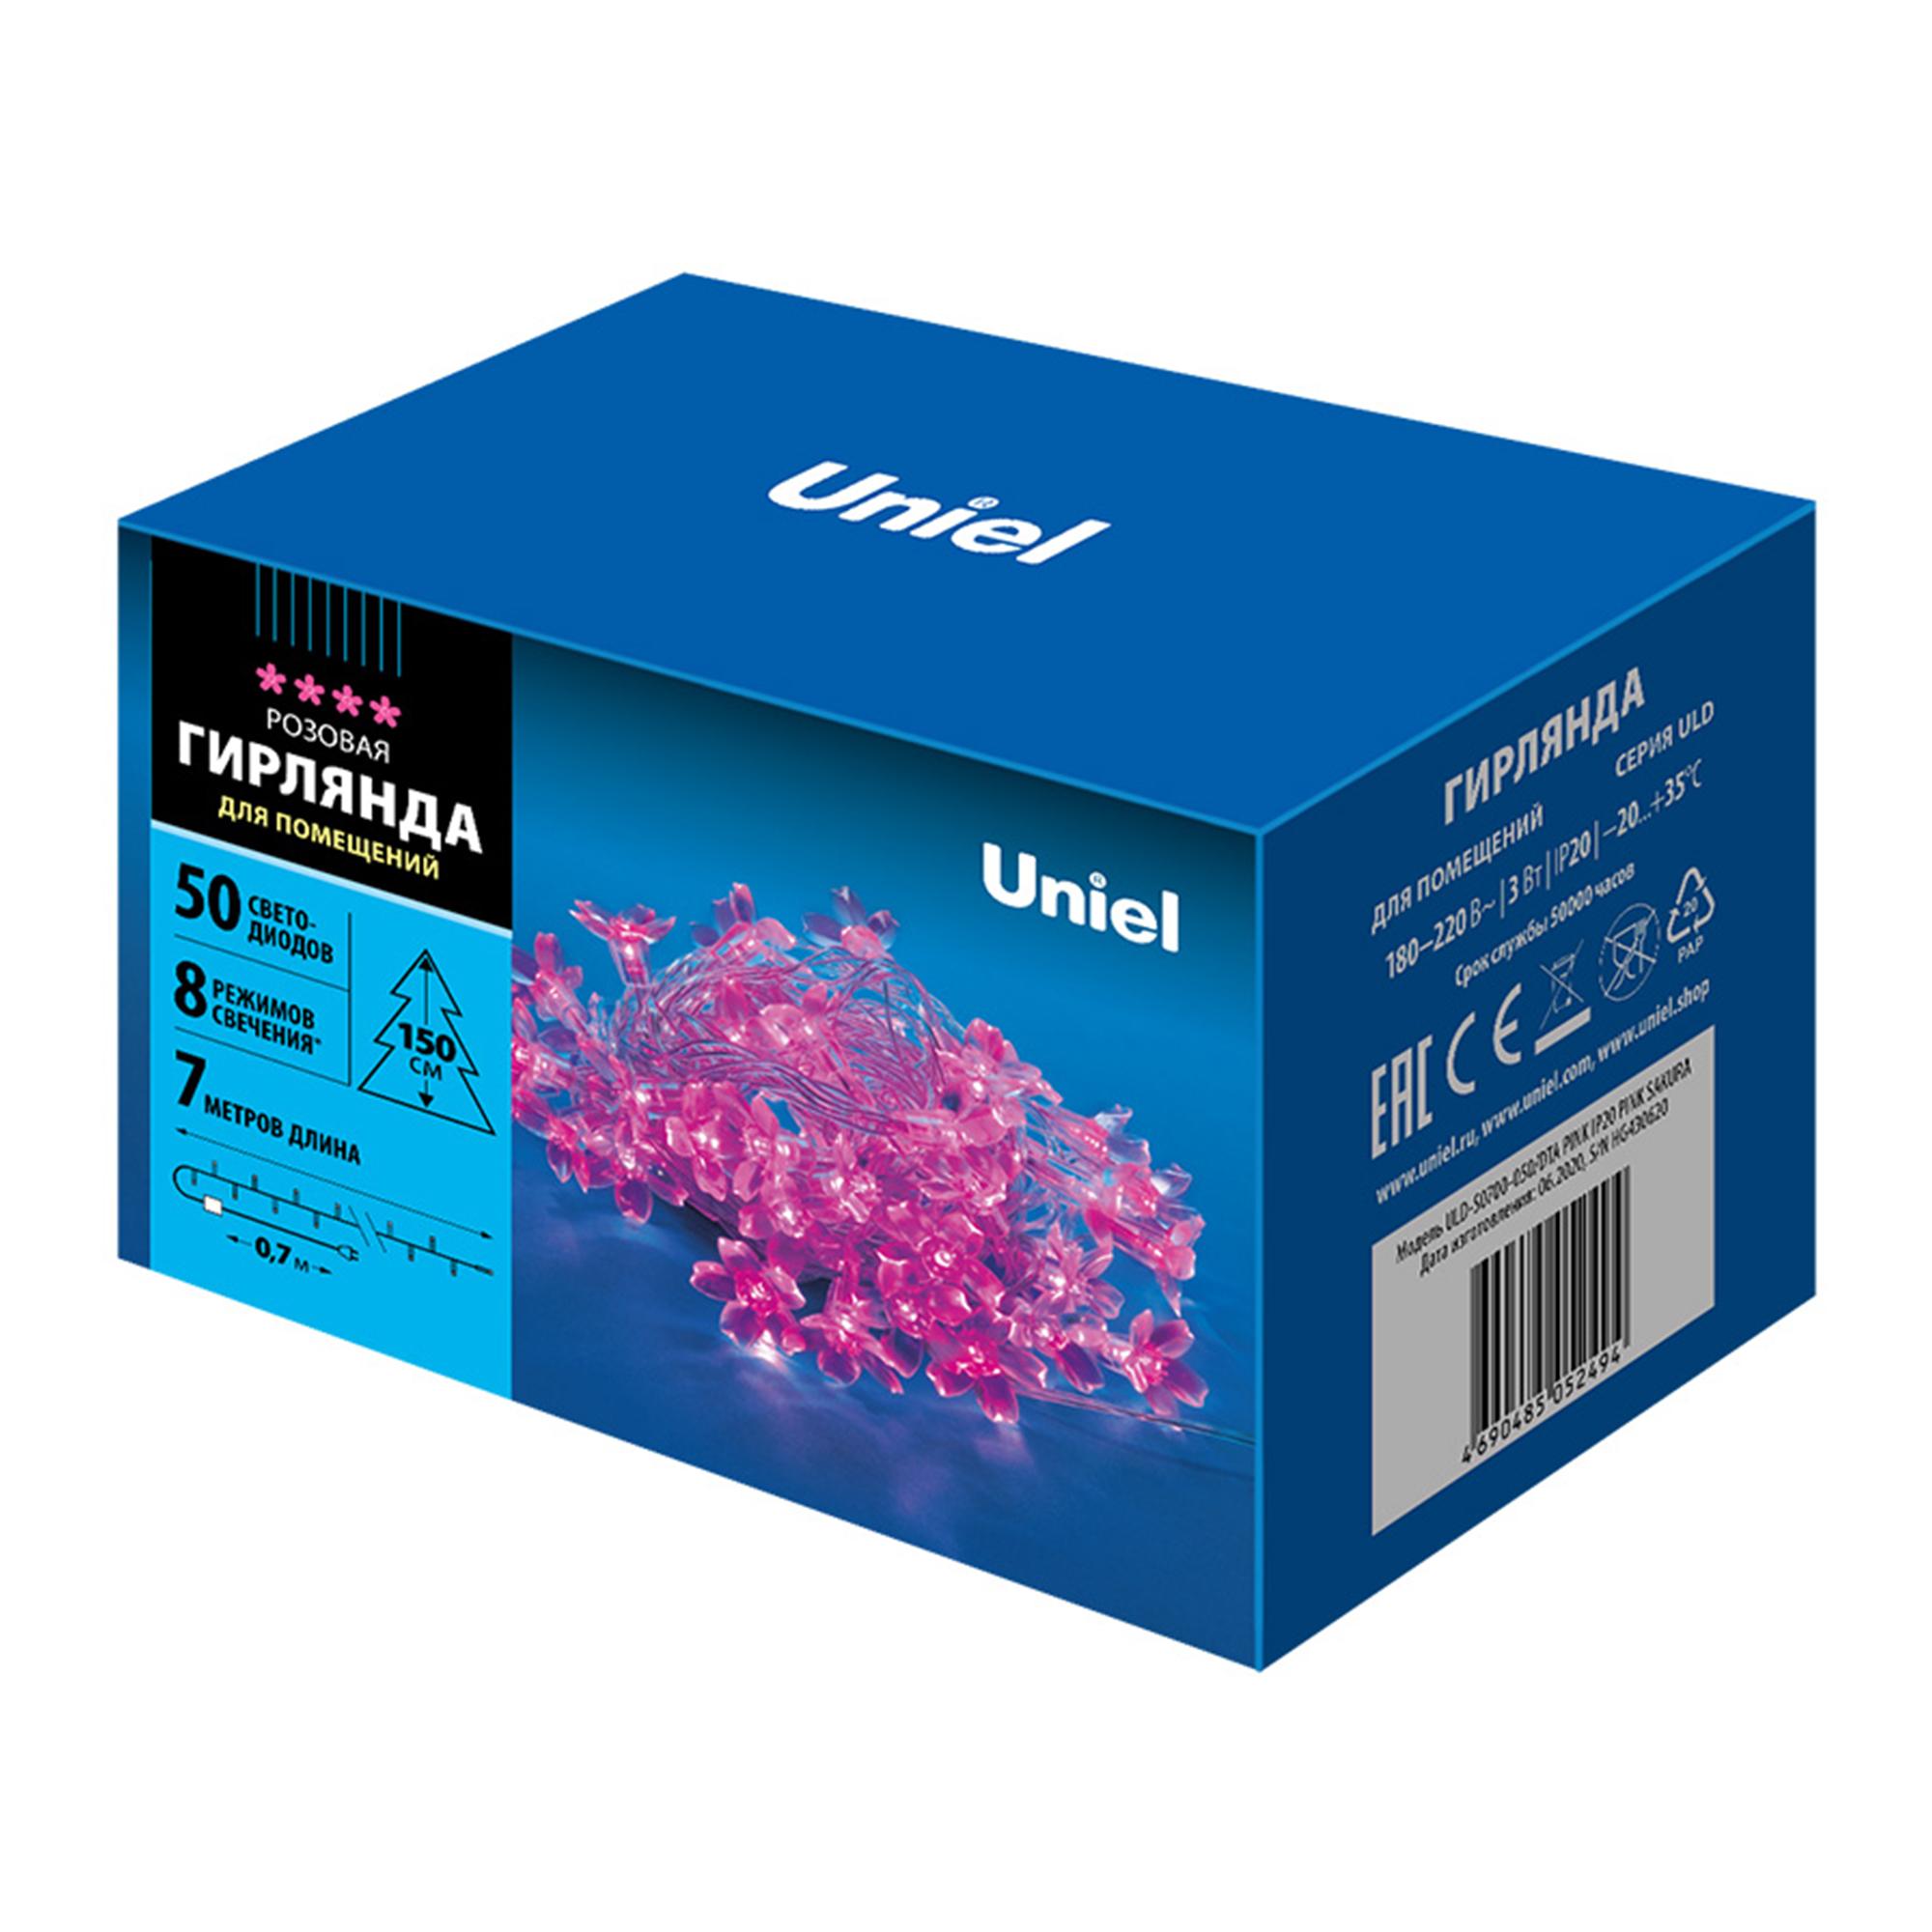 Гирлянда светодиодная ULD-S0700-050/DTA с контроллером Сакура розовая, 50 светодиодов, 7 м, розовая,IP20,провод прозрачный